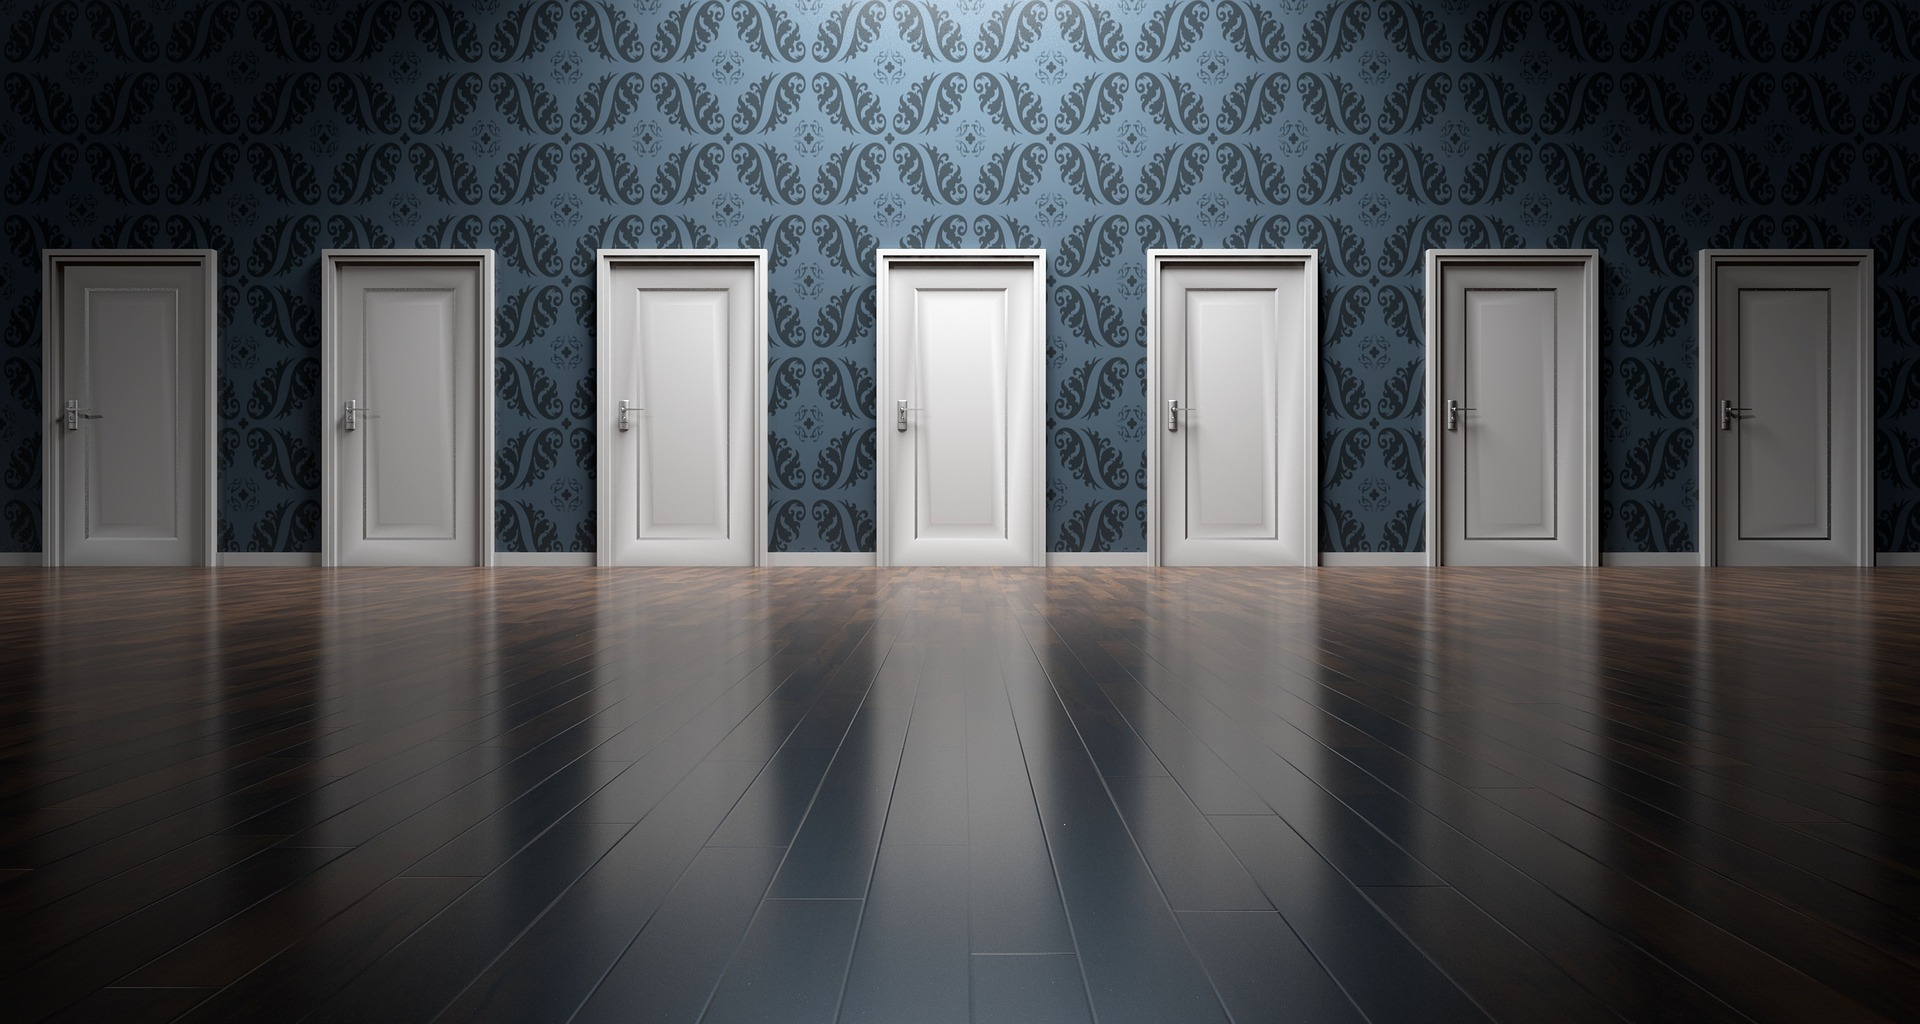 Dlaczego warto montować samozamykacze do drzwi?